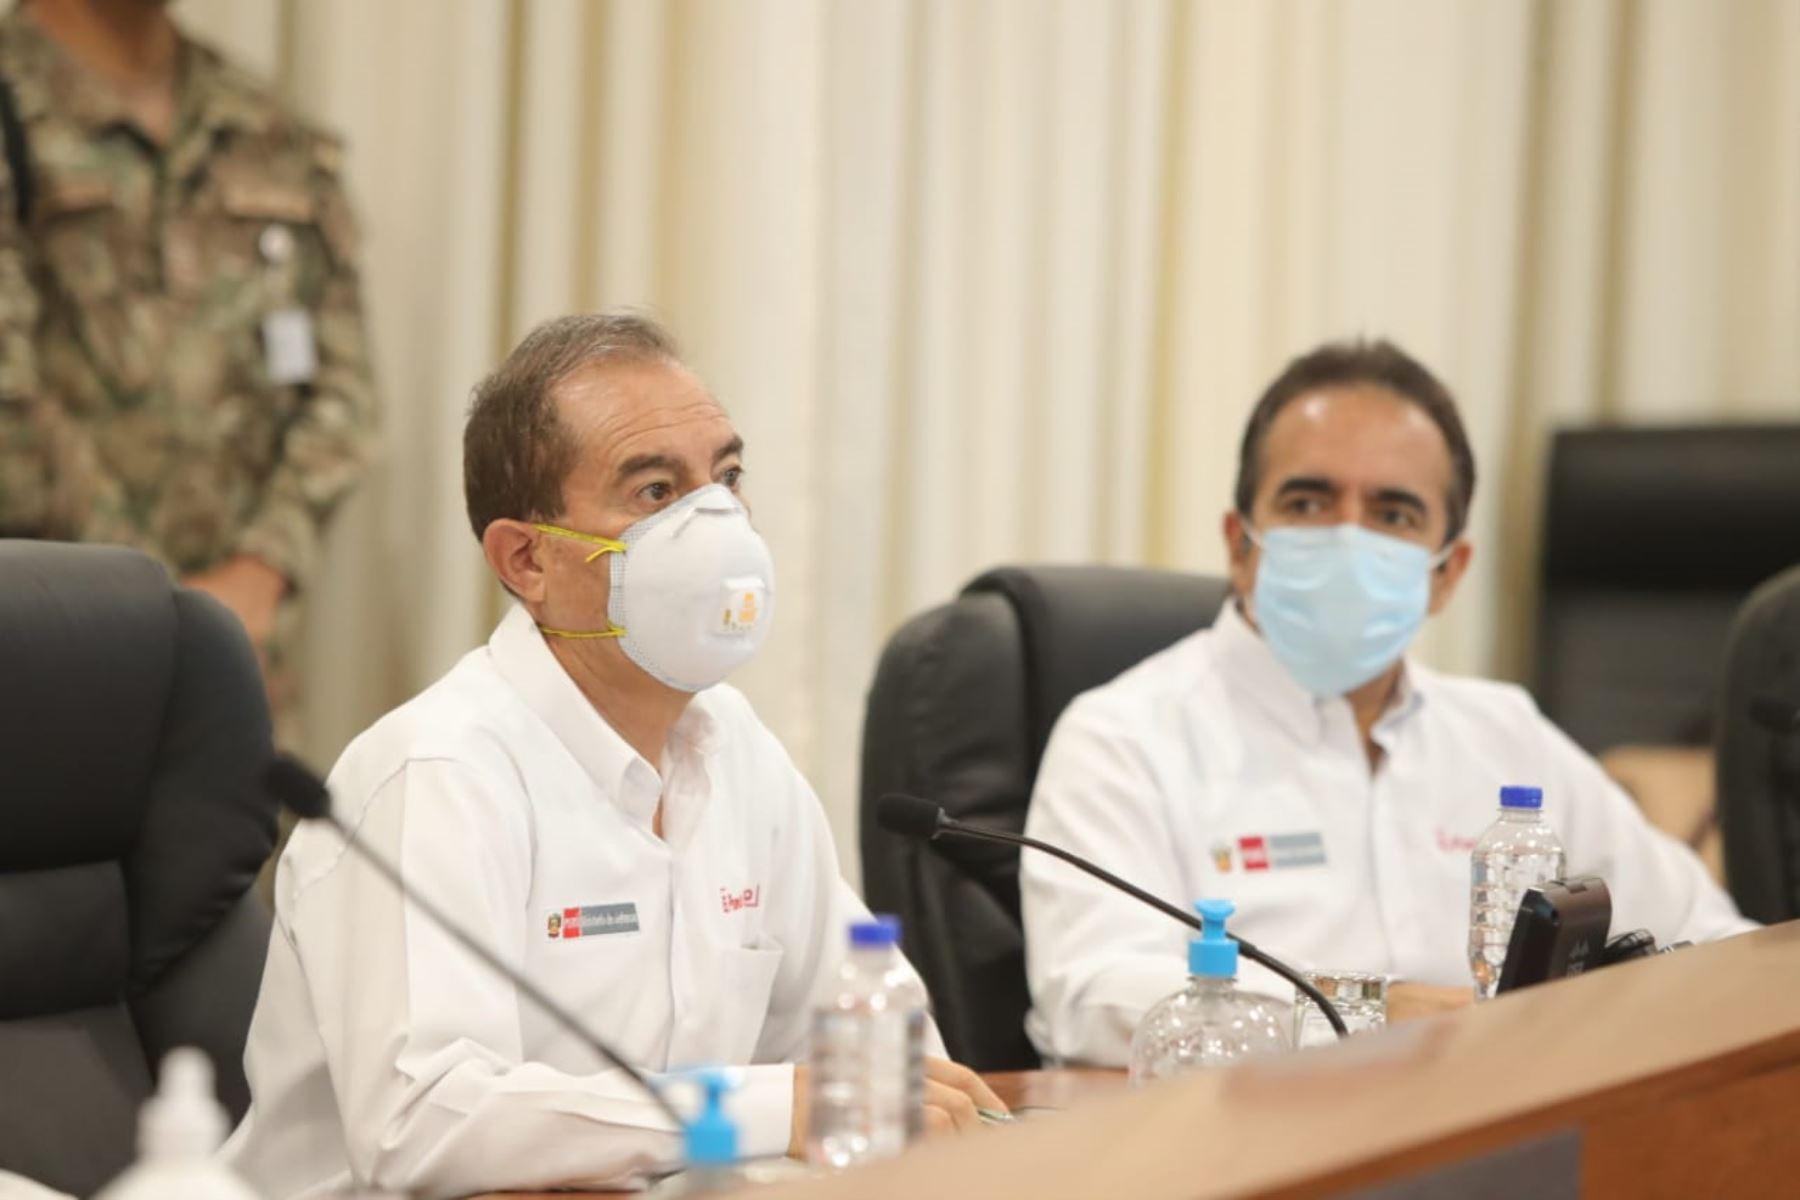 Ministro de Defensa, Walter Martos, participa en la sesión 128 del foro del Acuerdo Nacional, en la cual se aborda el plan de reanudación de actividades económicas y la situación de la pandemia del coronavirus (covid-19) en el país.Foto: ANDINA/Prensa Presidencia